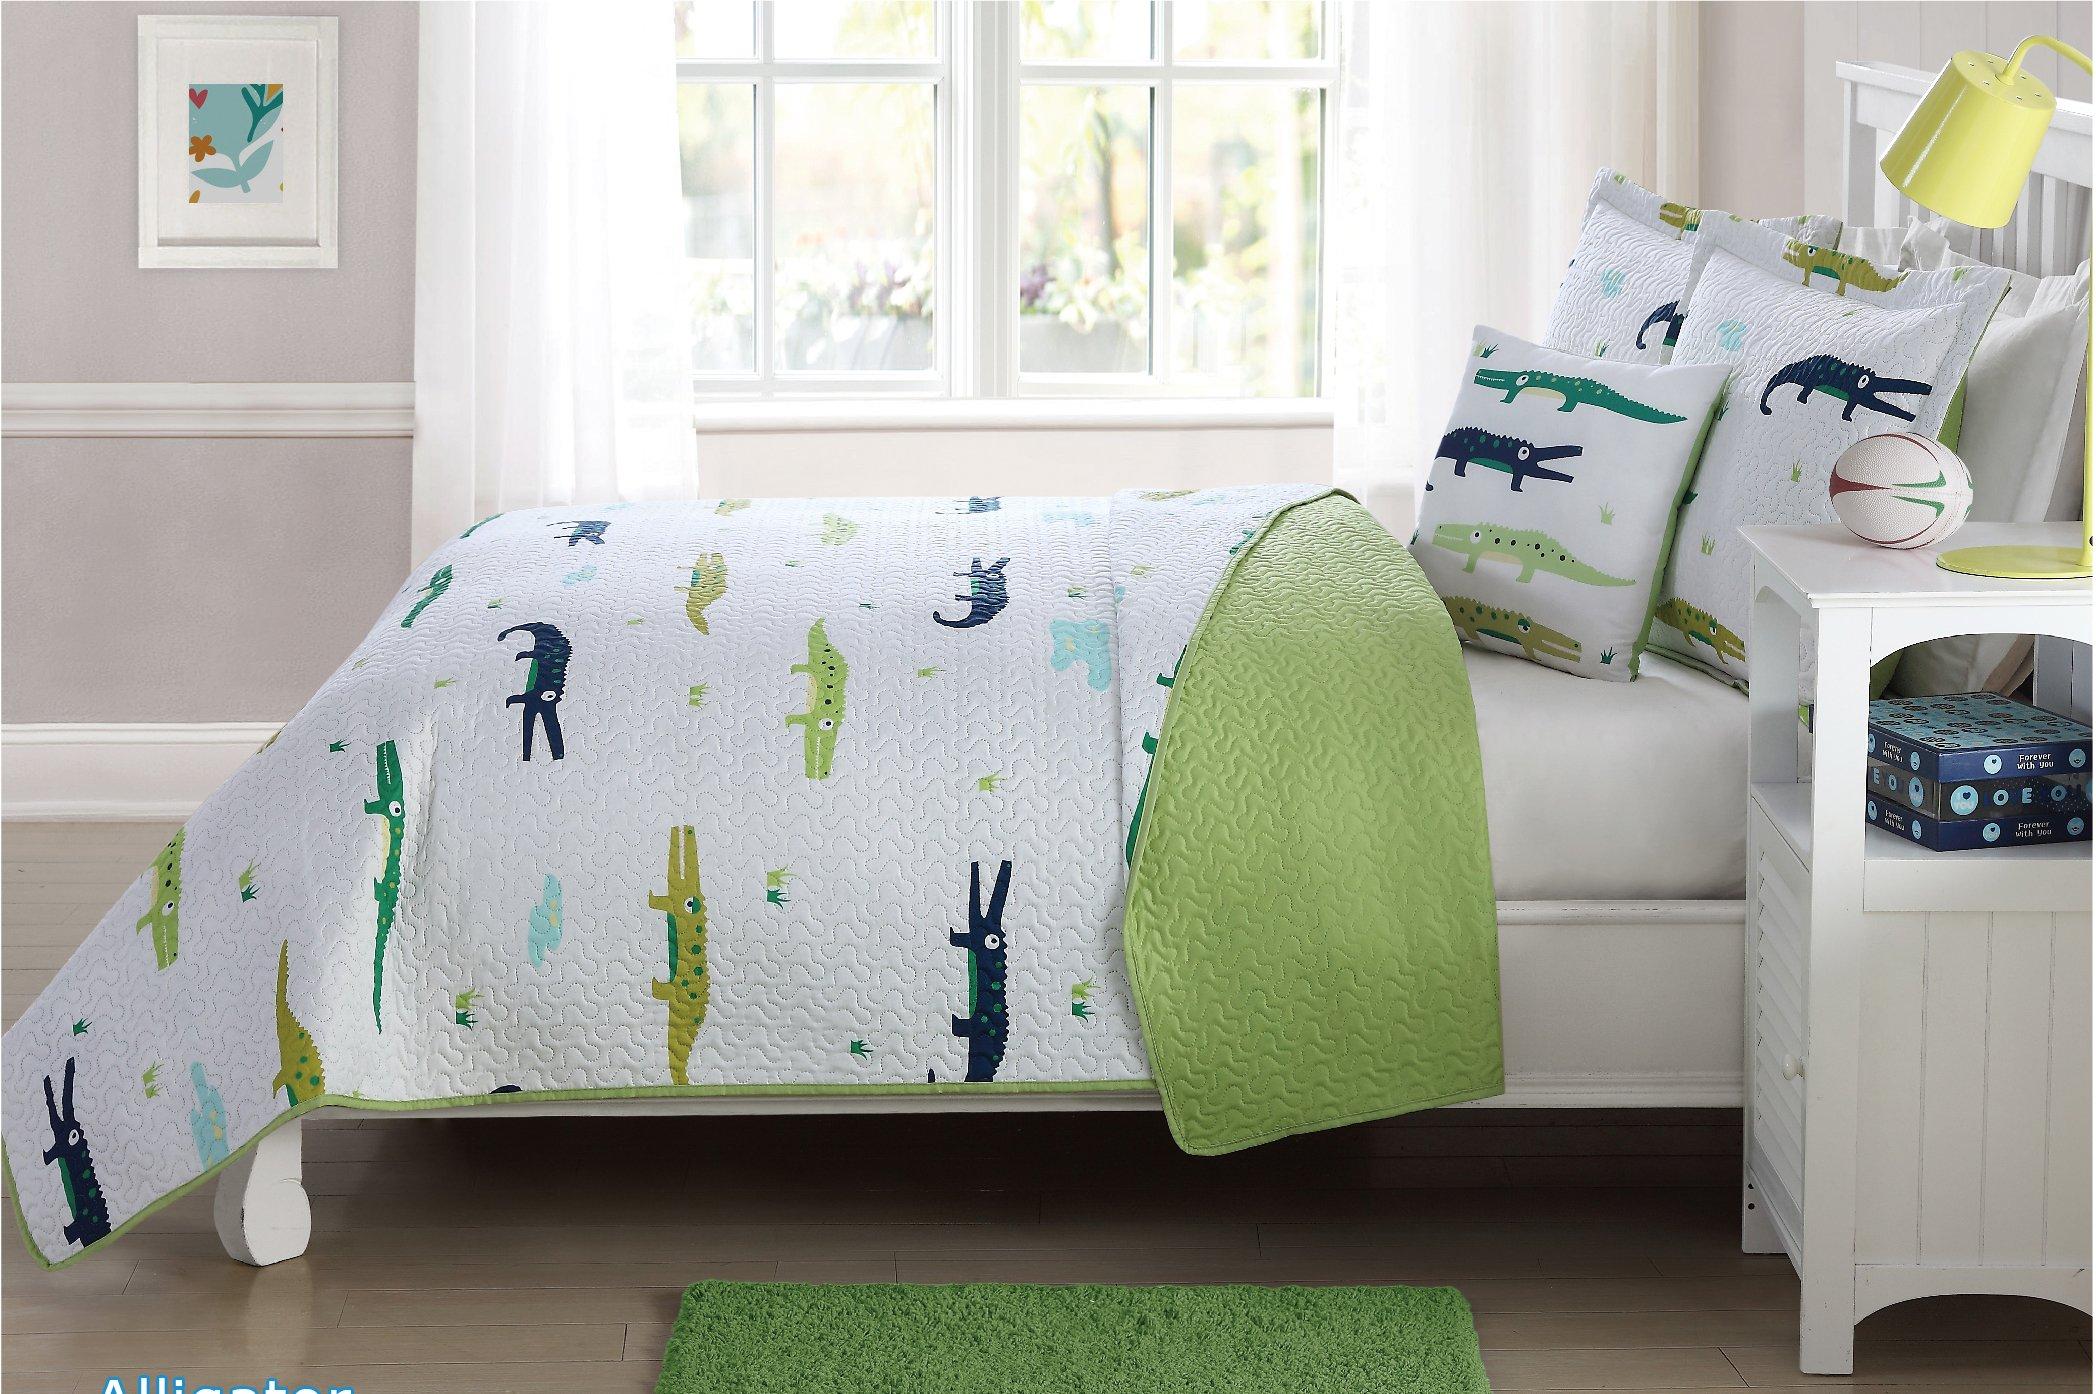 Fancy Linen 4 pc Full Size Bedspread Coverlet Alligator White Light Blue Green Navy Blue Reversible New #Alligator